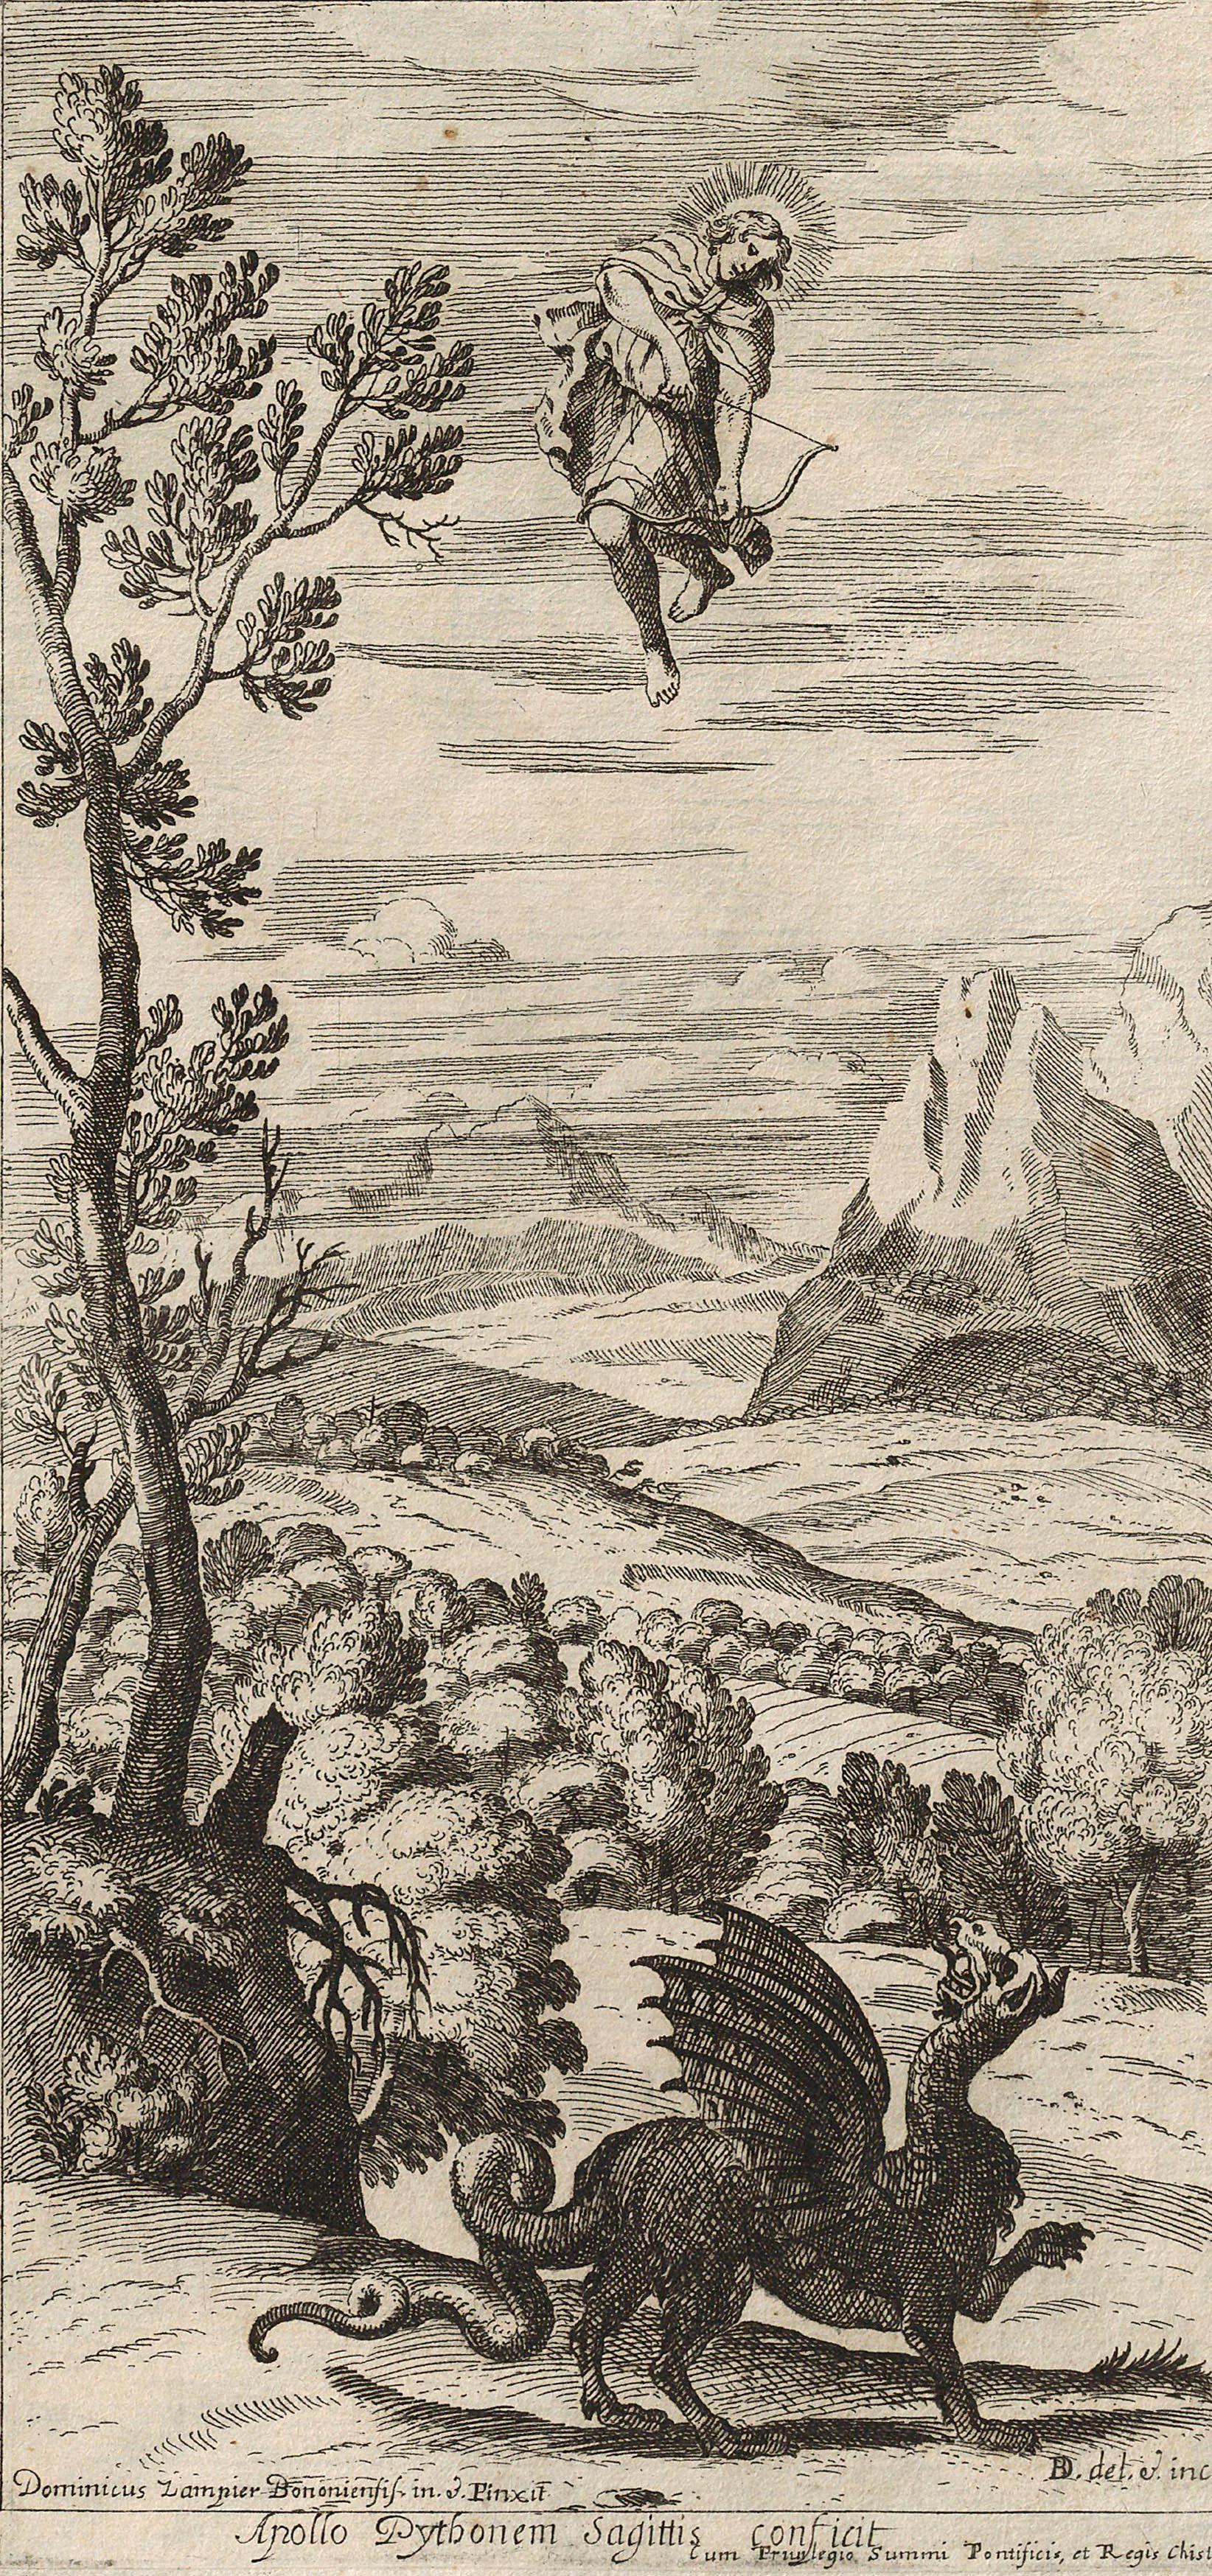 File:Villa Aldobrandina Tusculana -Dominique Barrière - Apollon